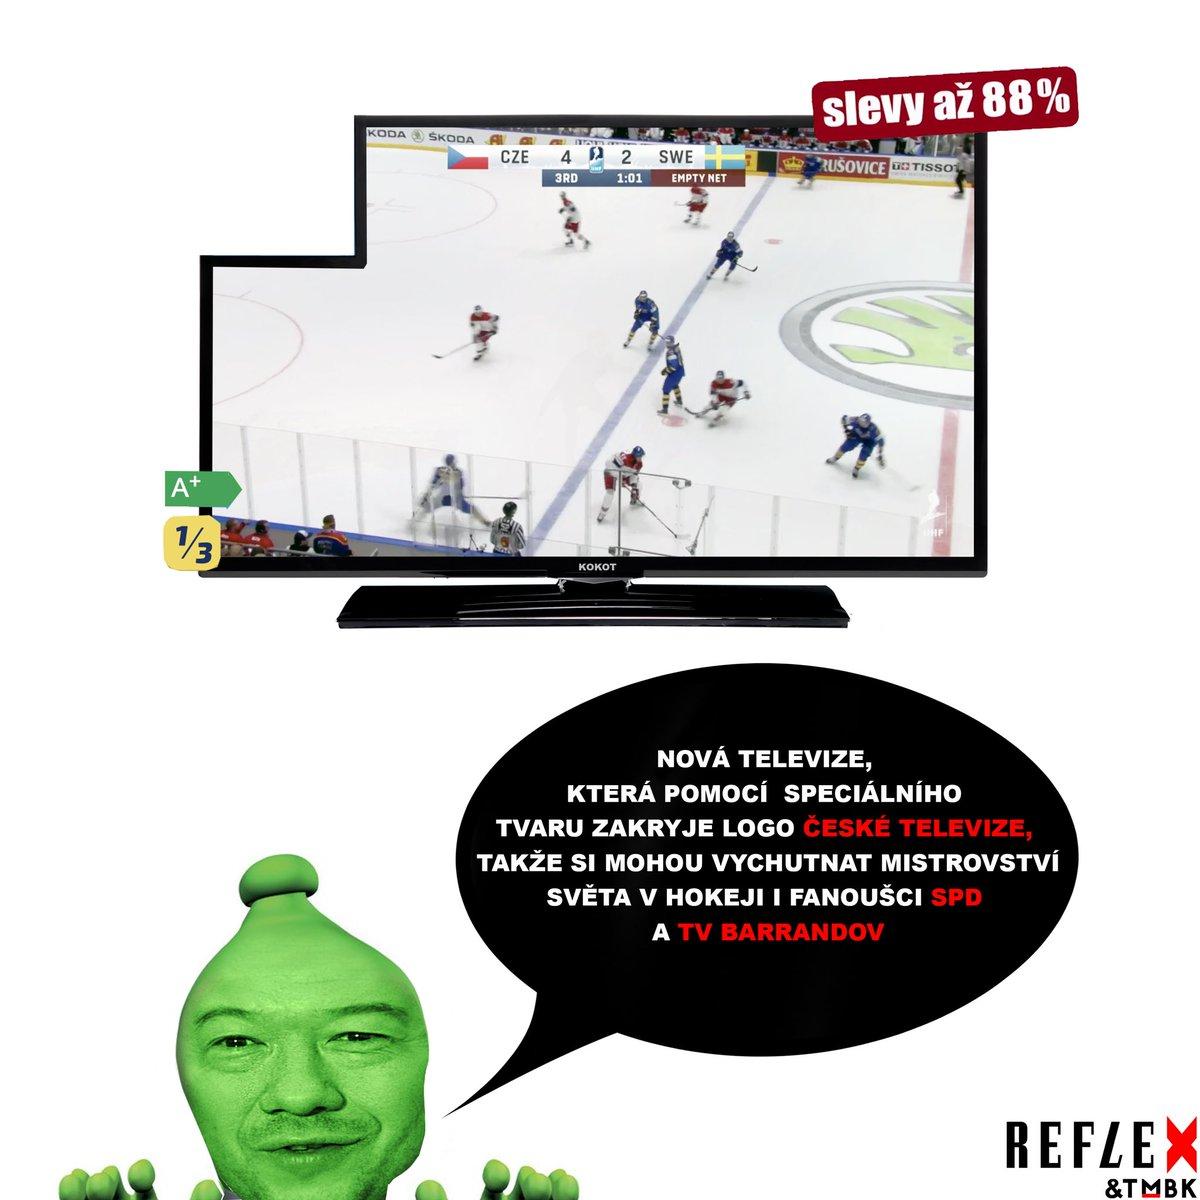 Obrázek tv